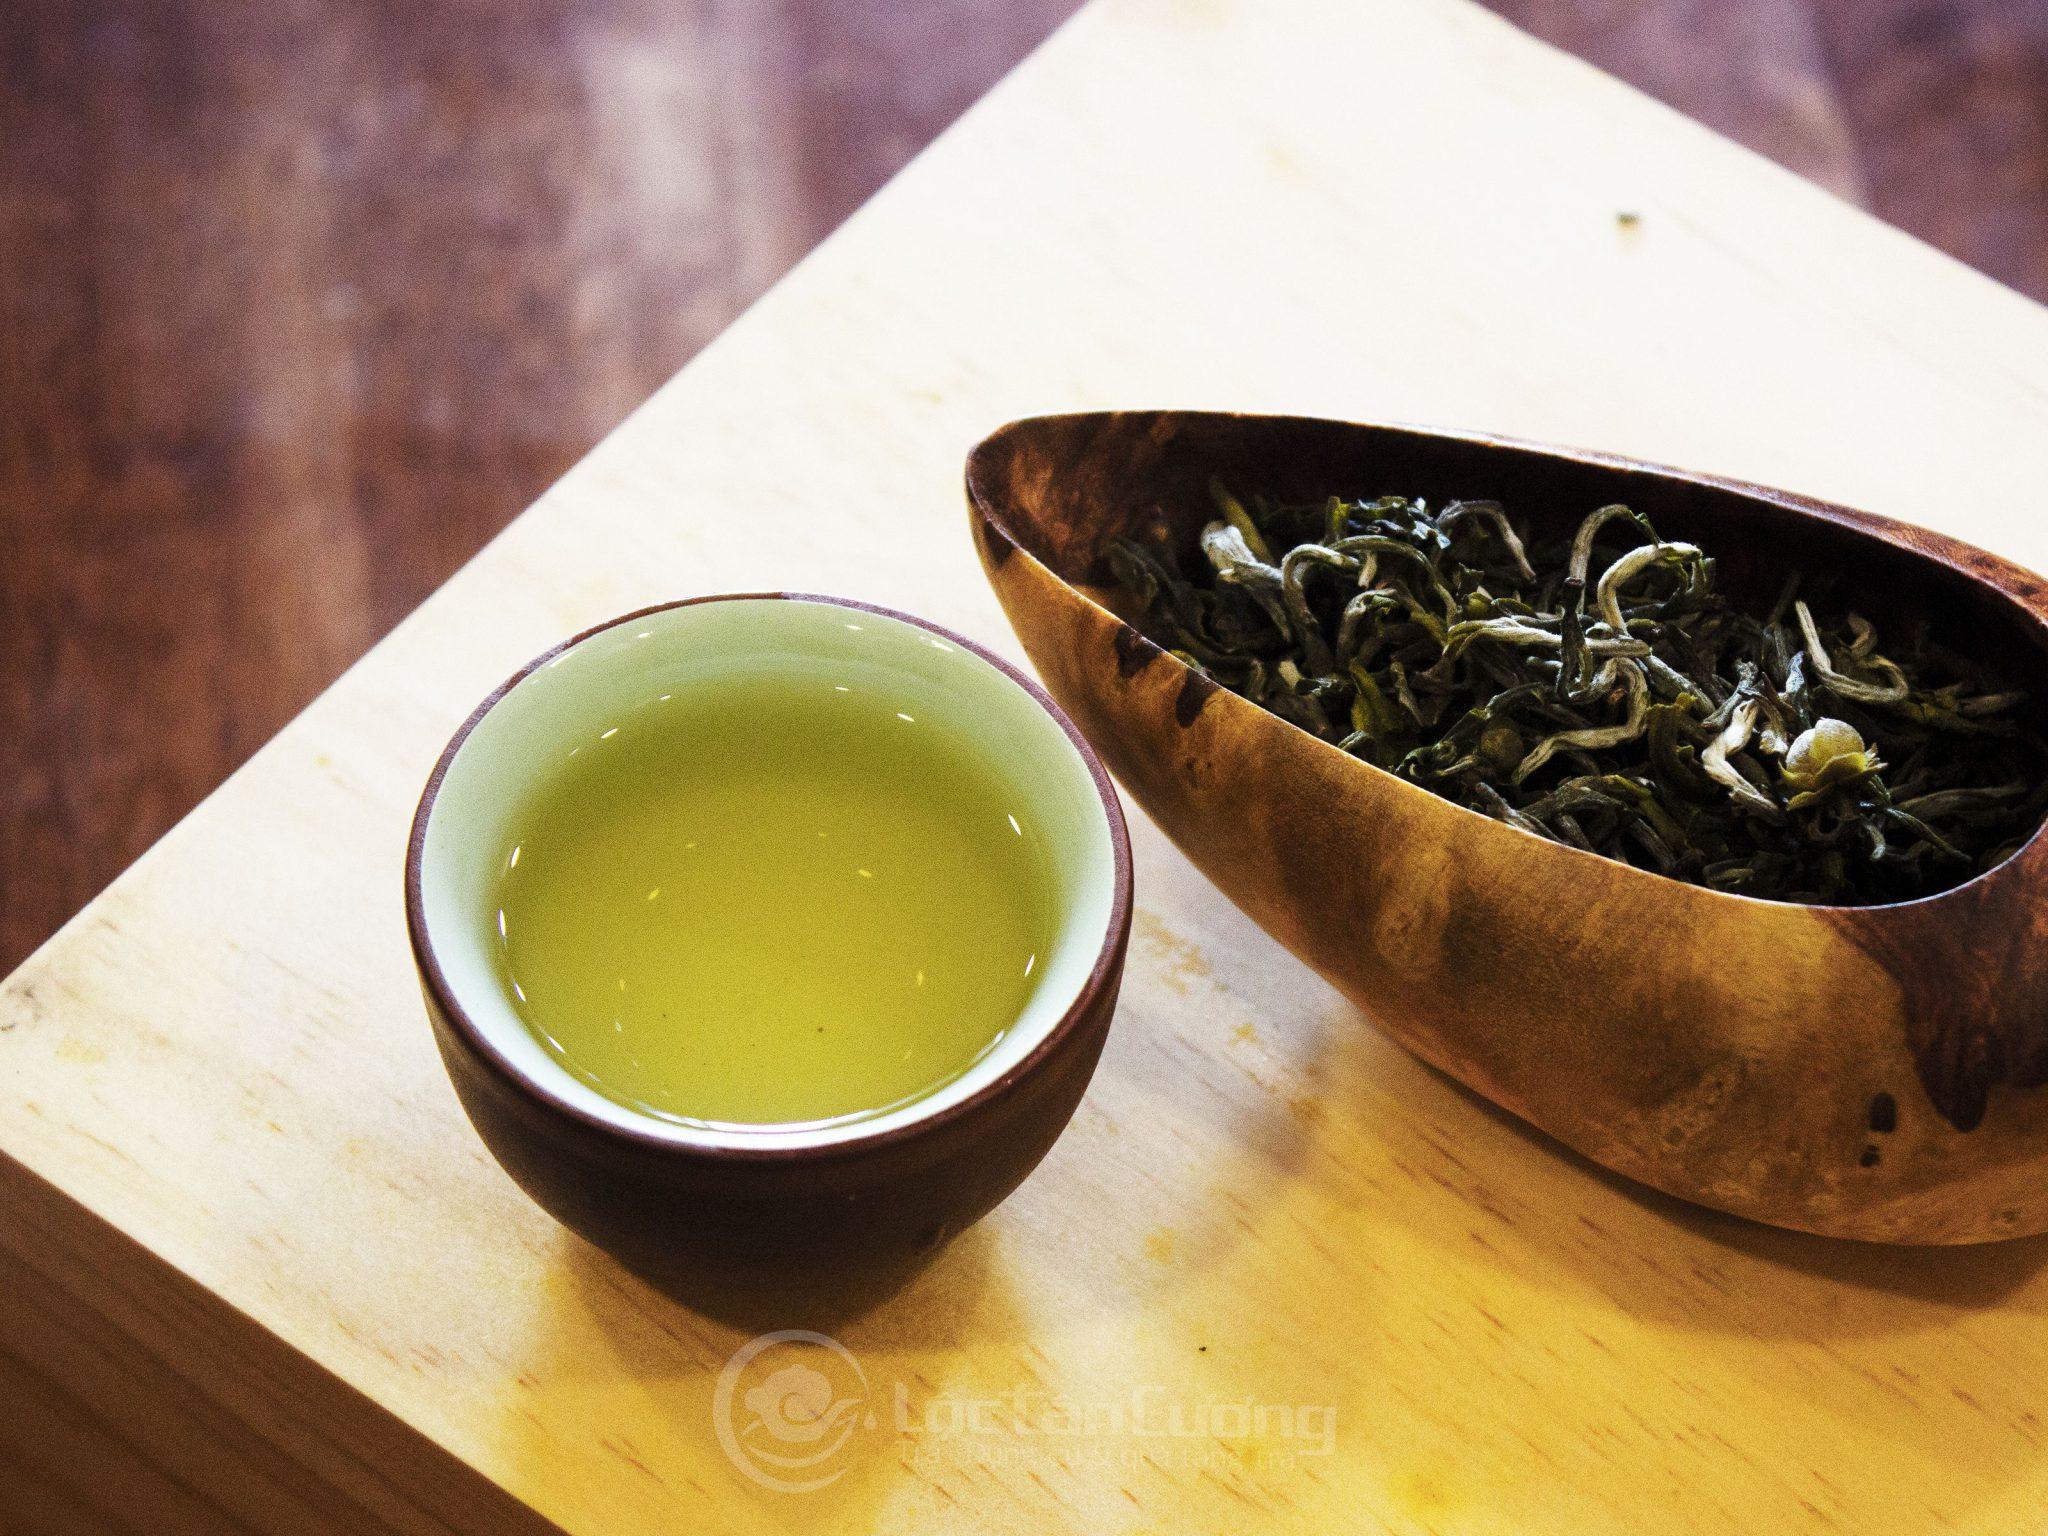 Hương vị trà rất thơm ngon, những người sành trà đều muốn được thưởng thức loại trà này